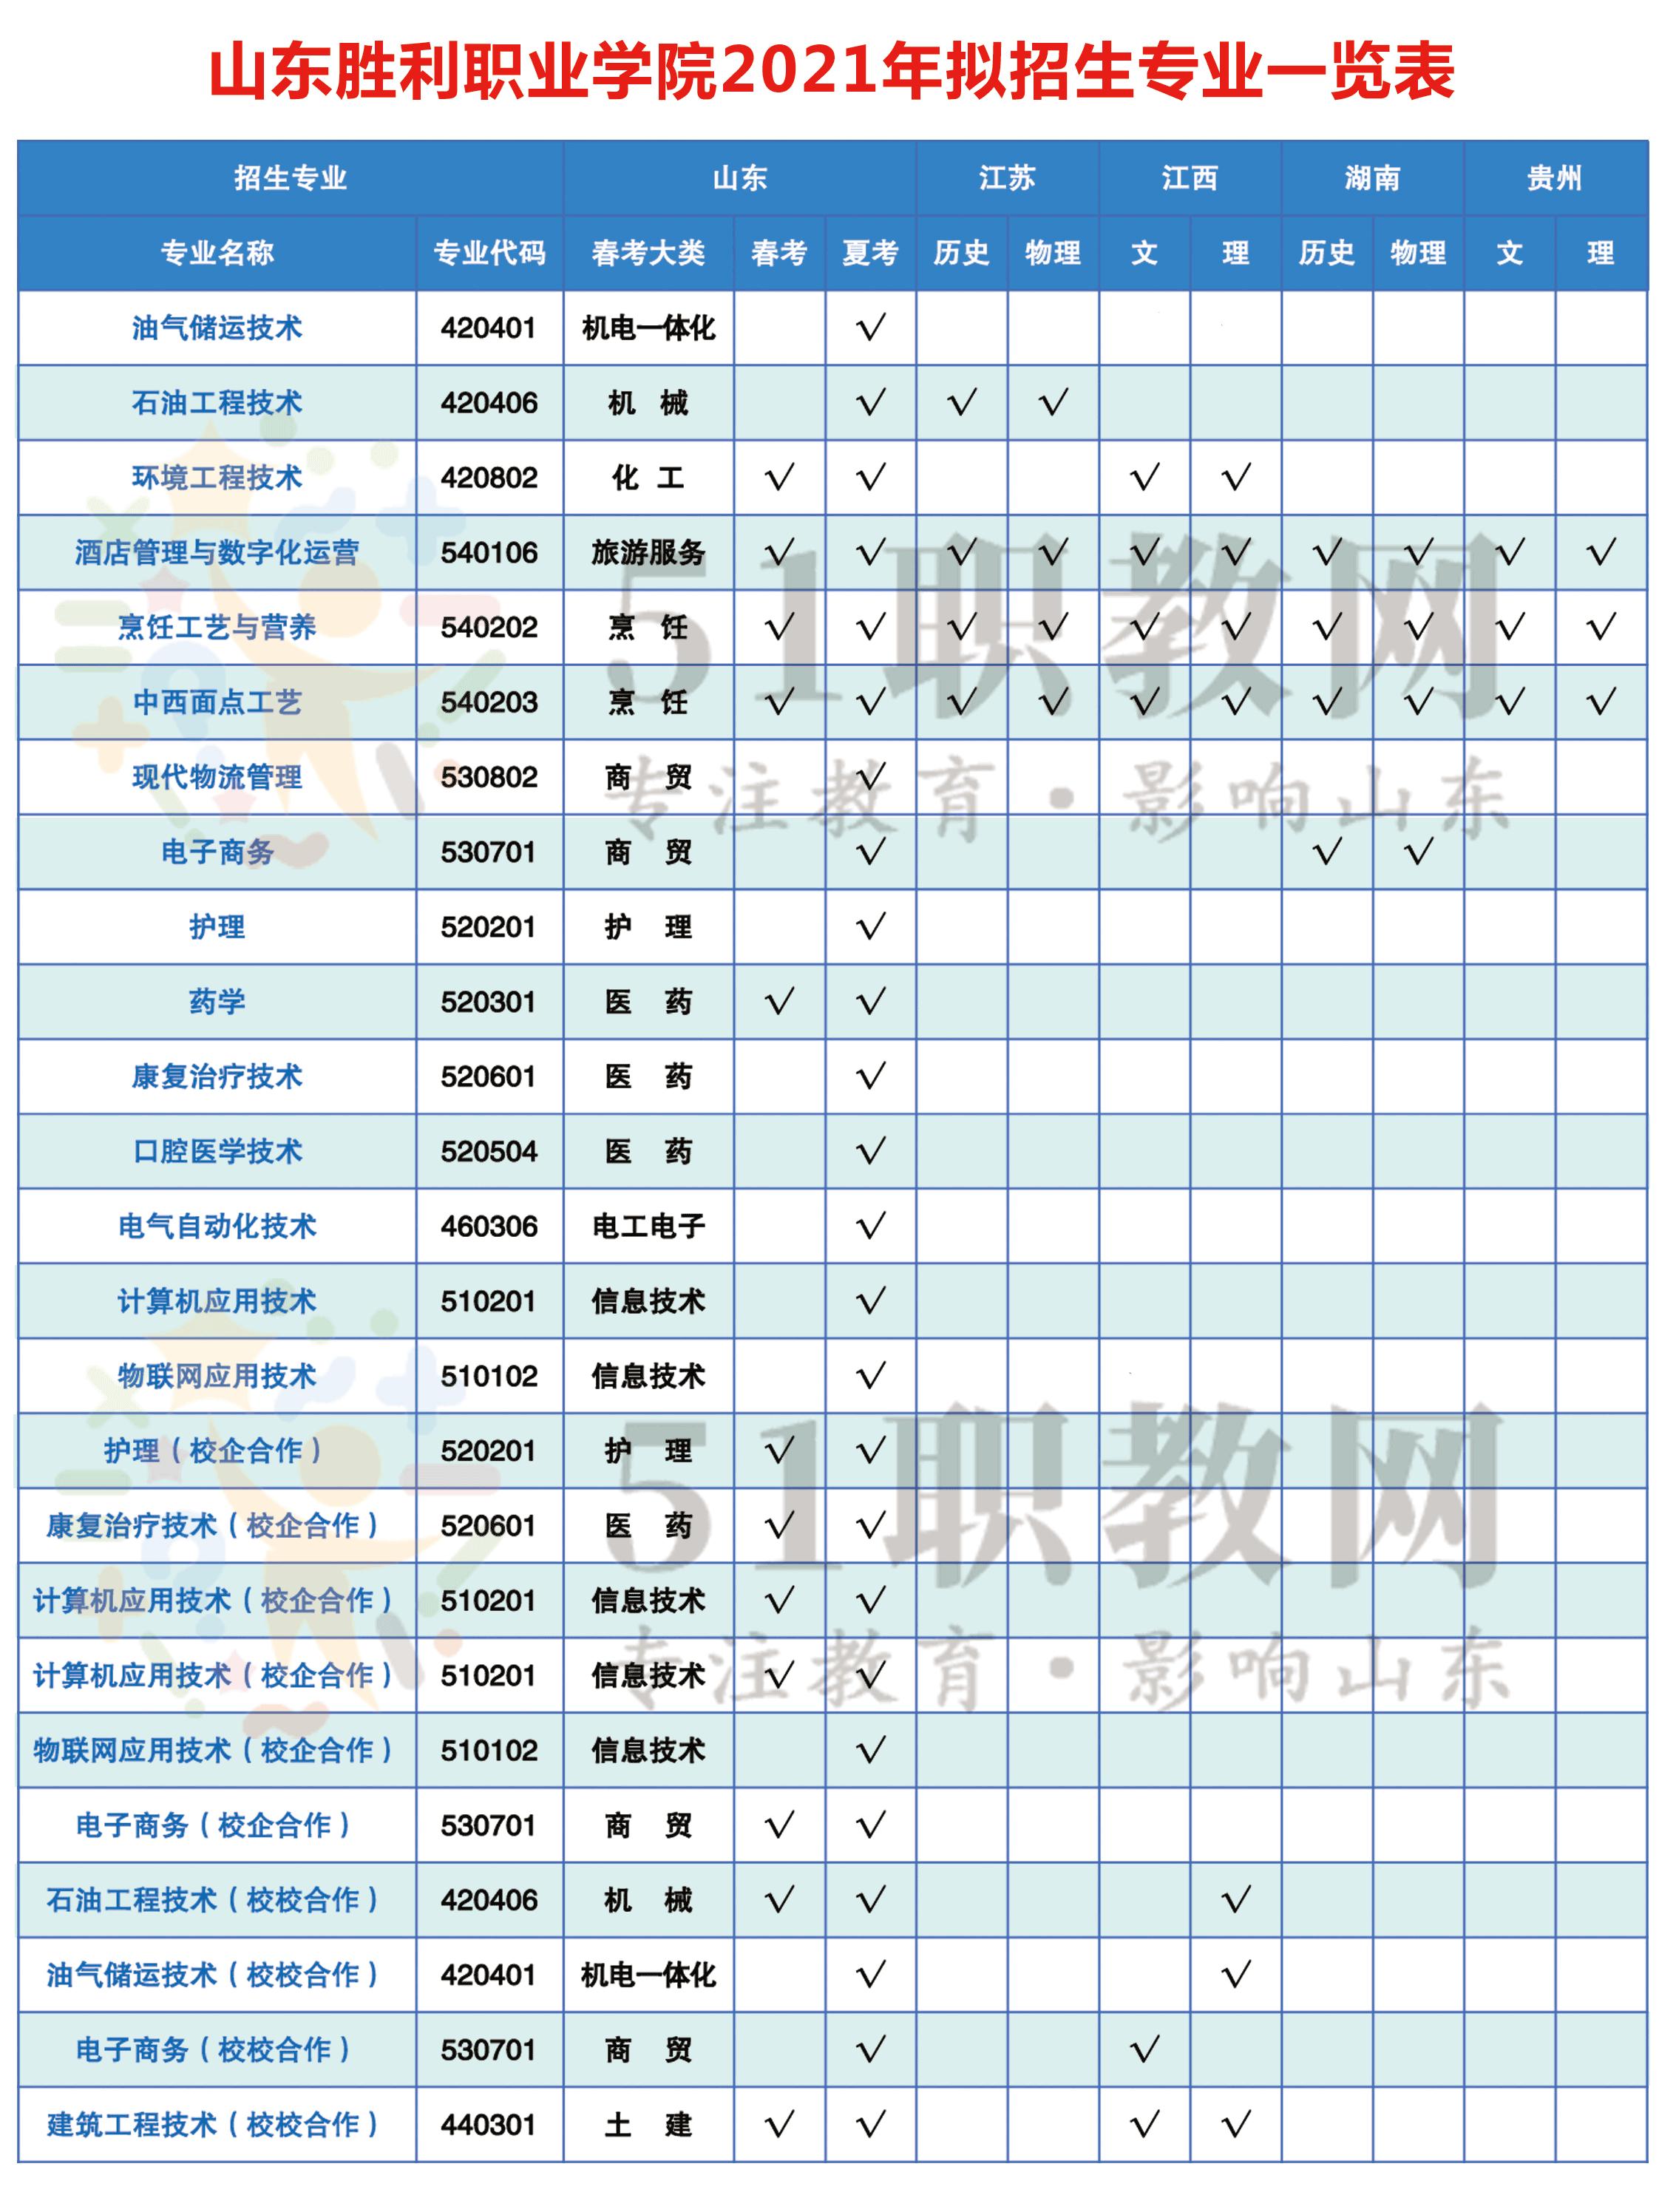 山东胜利职业学院2021年拟招生专业一览表